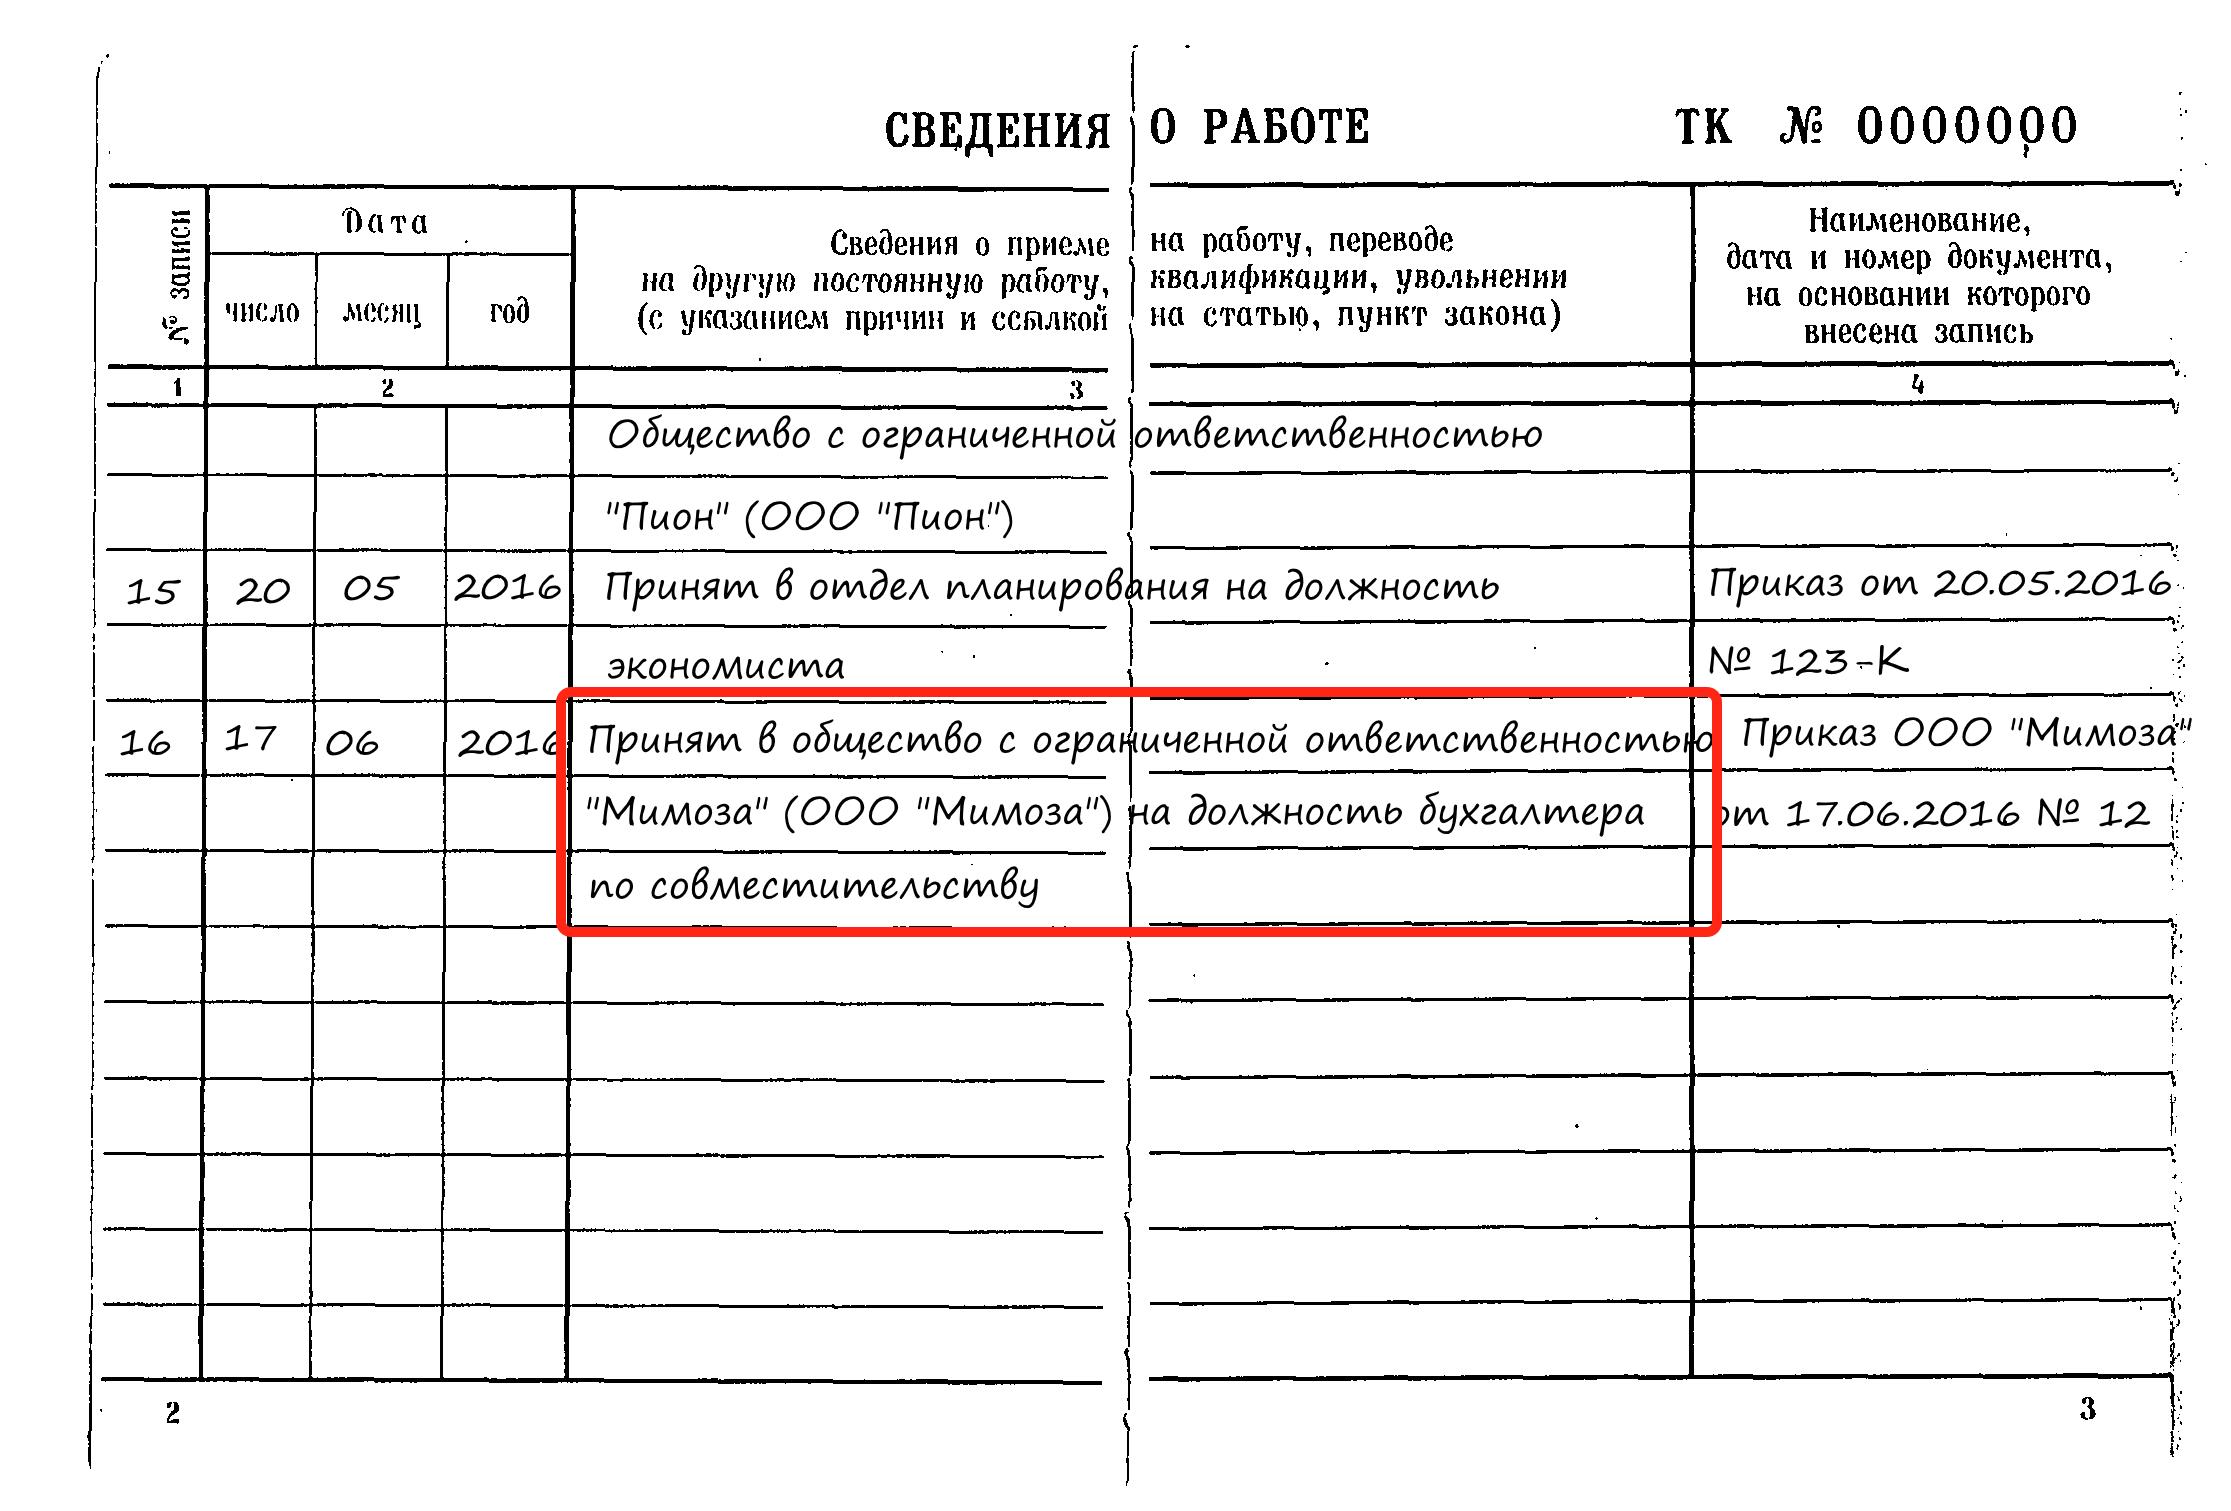 Изображение - Оформление записи об увольнении совместителя в трудовую книжку 4